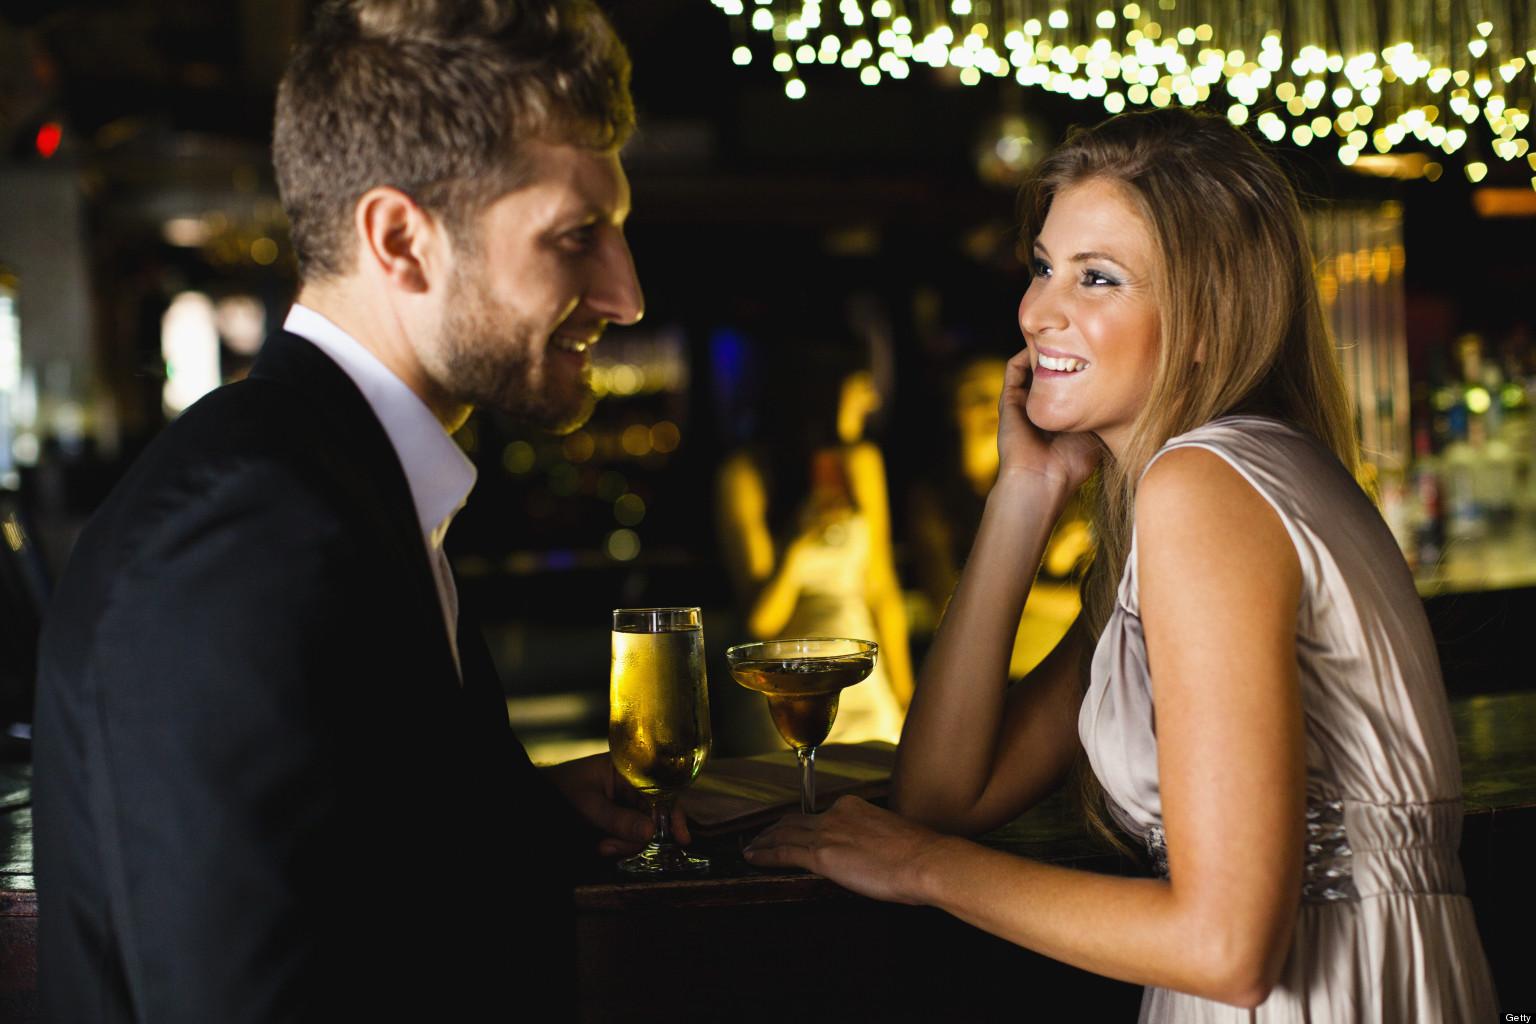 Zwischen den Jahren: Für Singles die beste Zeit zum Flirten!